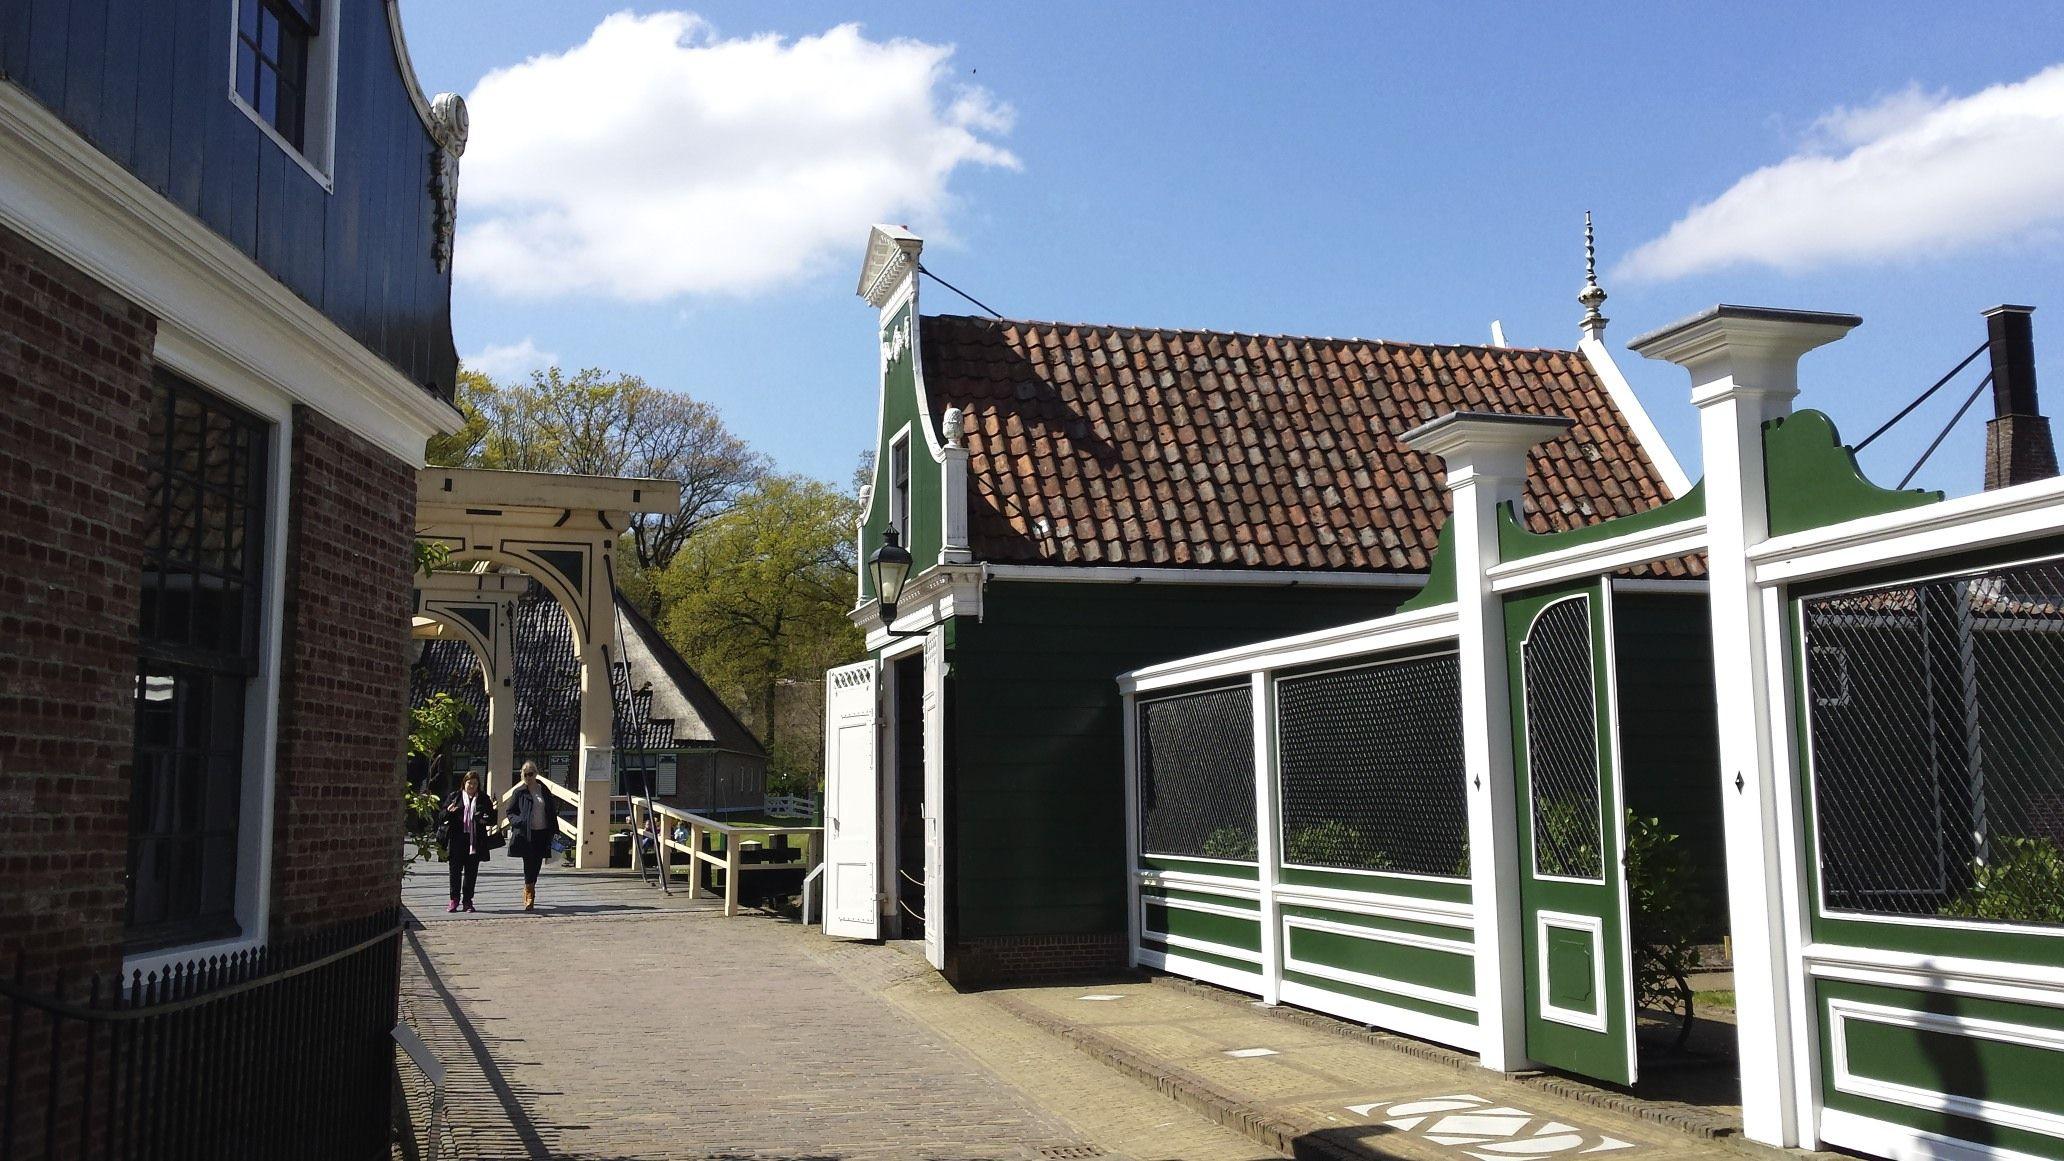 Wagenhuis uit de Zaanstreek in het Openluchtmuseum